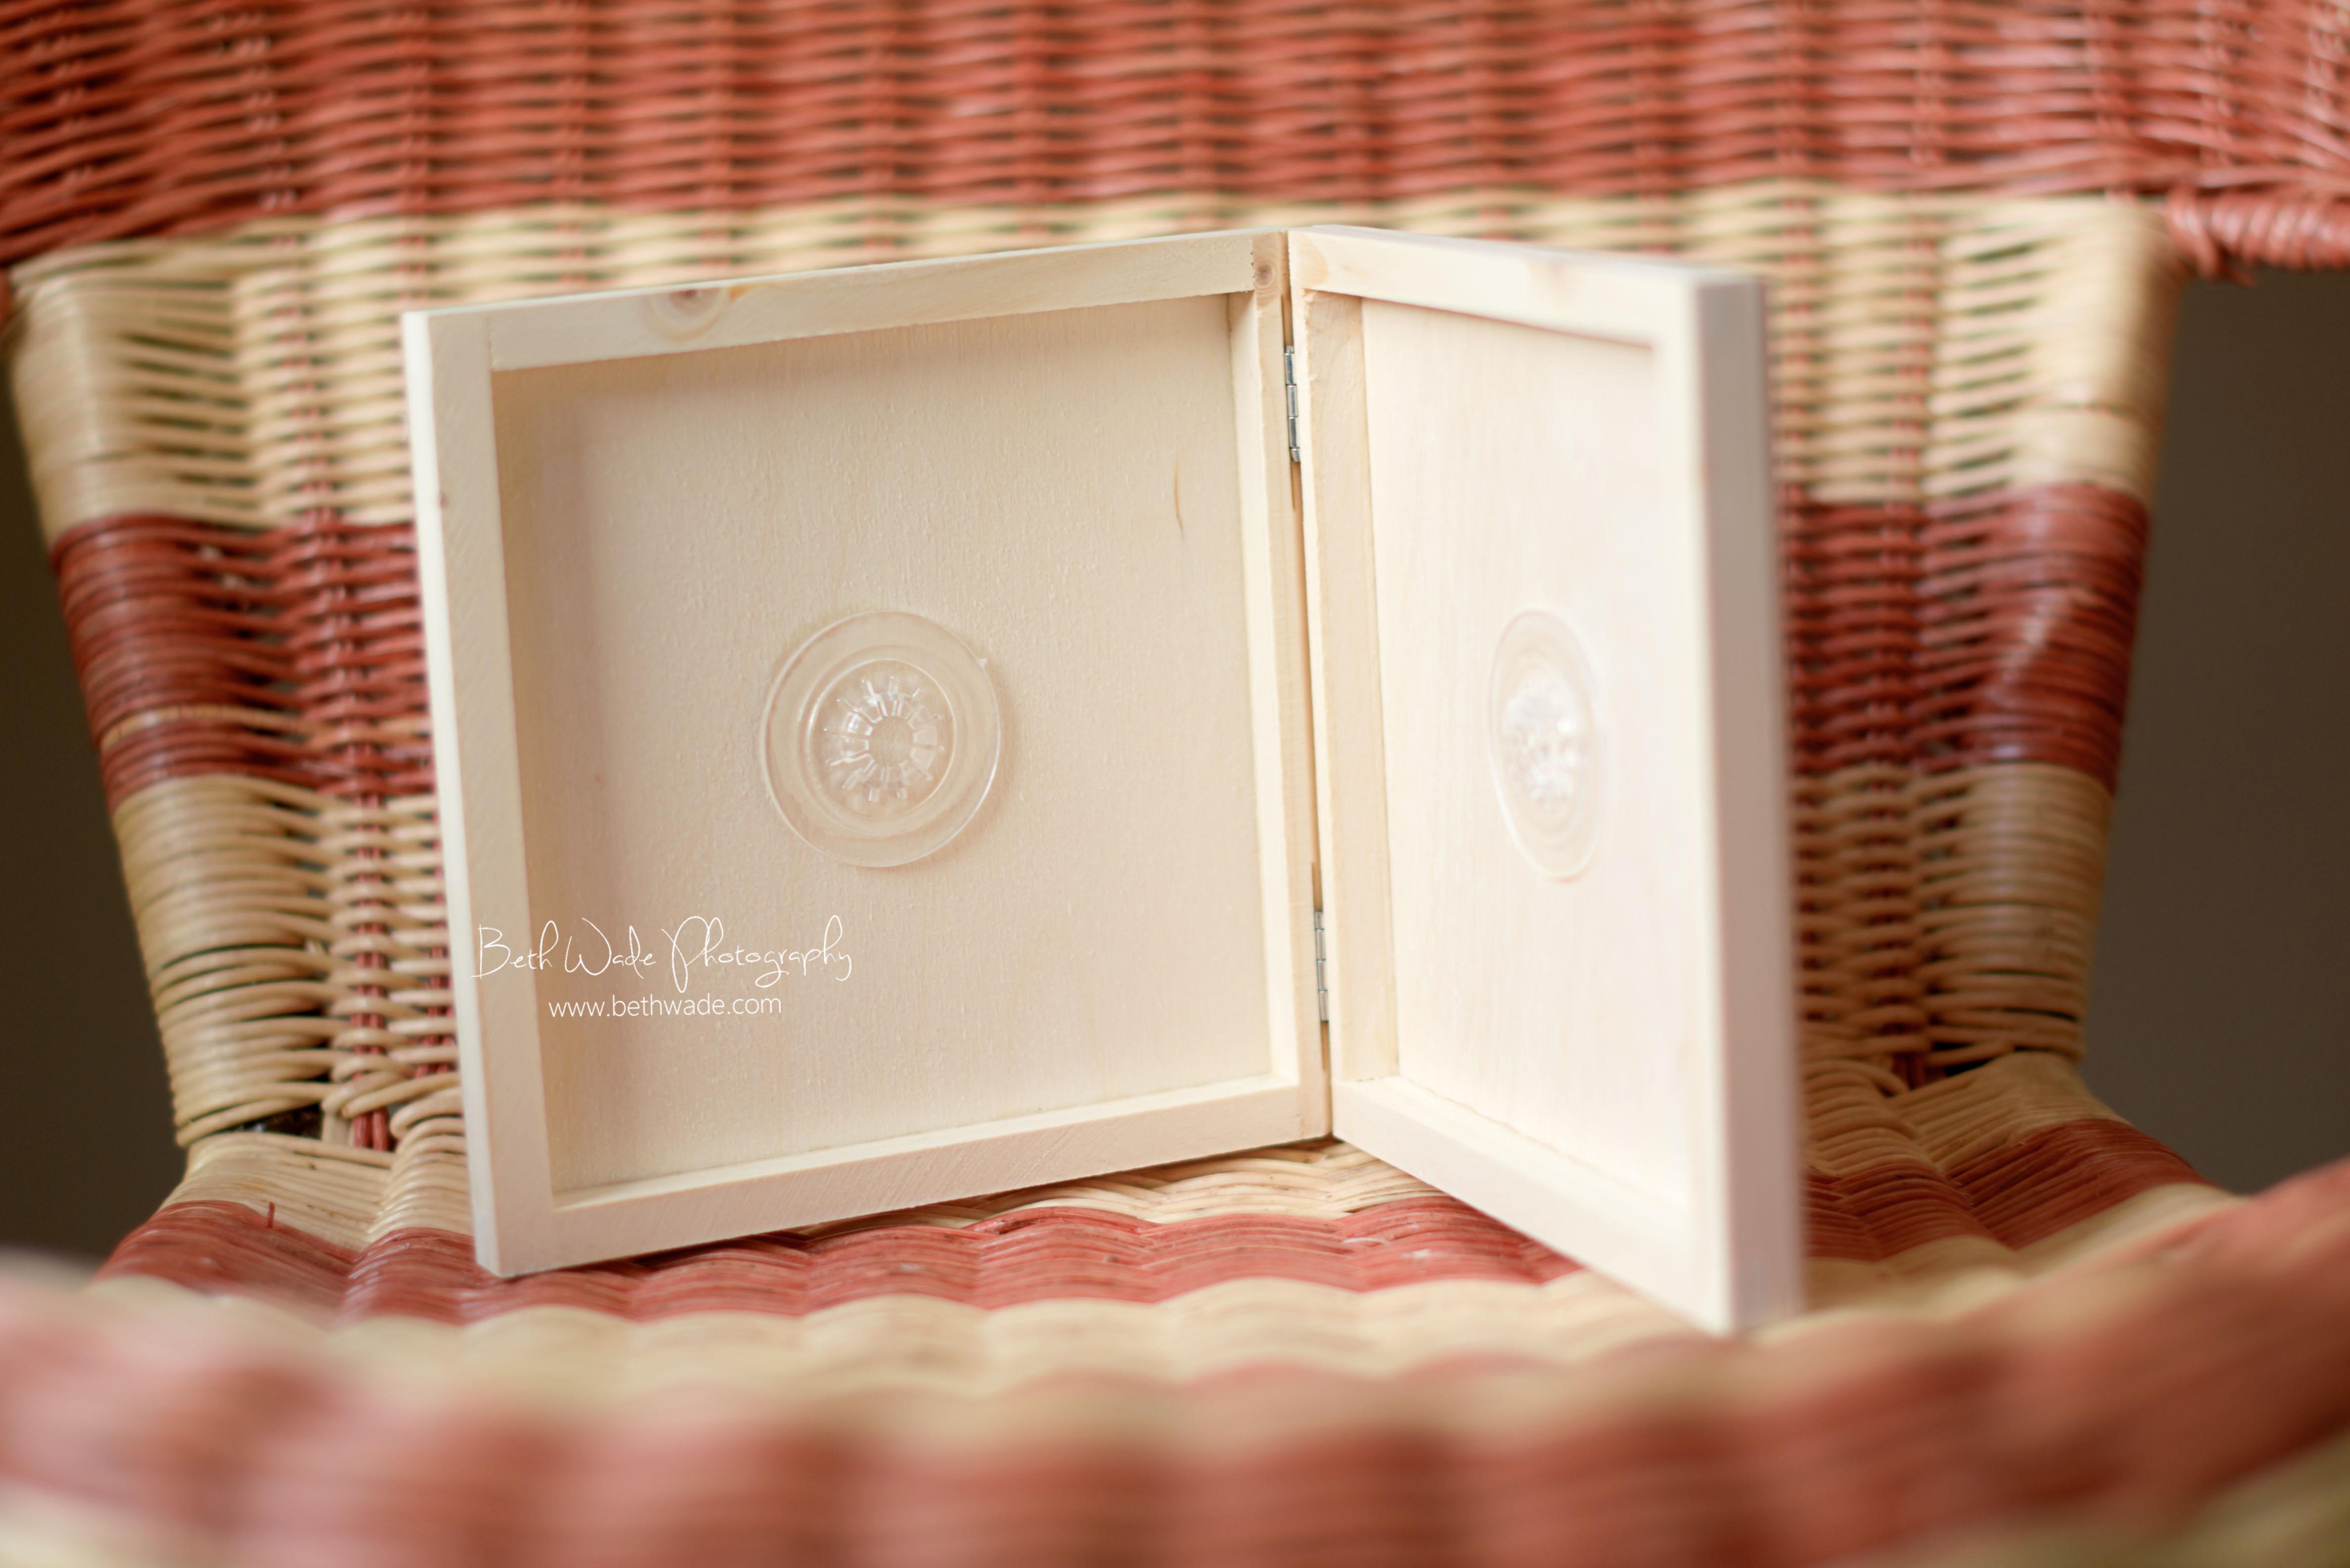 handmade natural wood cd case - beth wade photography